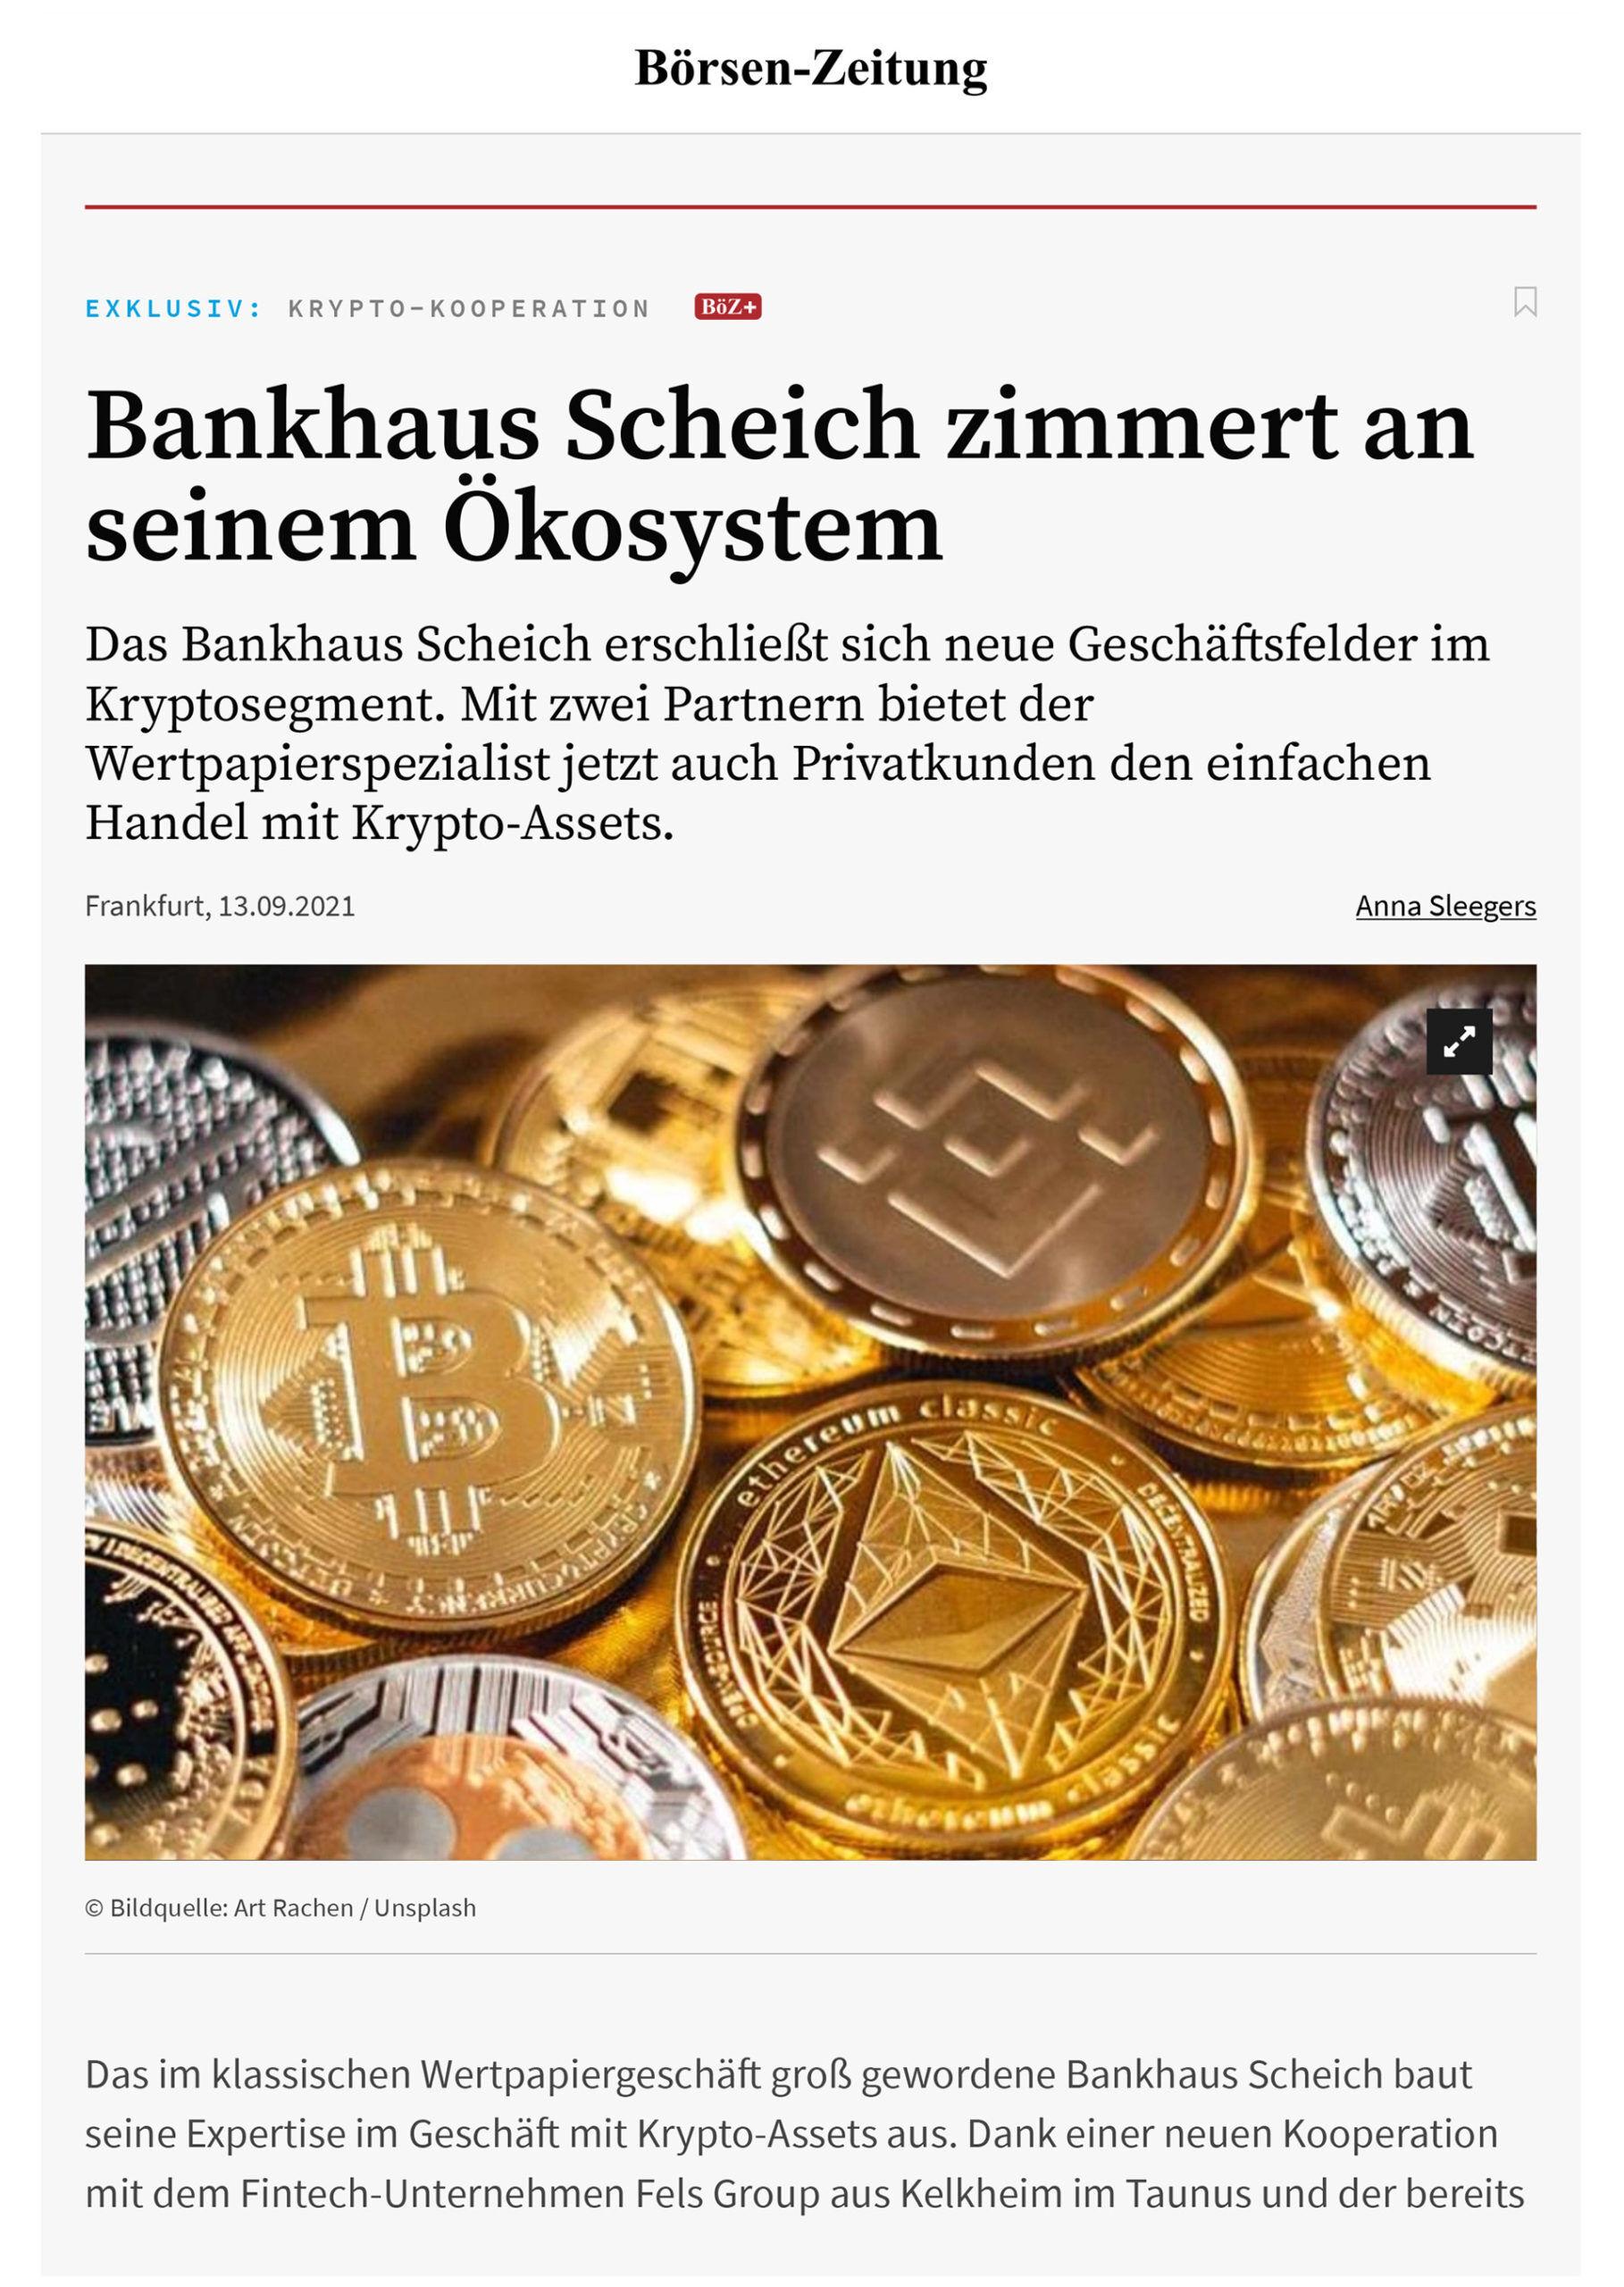 Bericht in der Börsen-Zeitung vom 13.09.2021 über Follow MyMoney